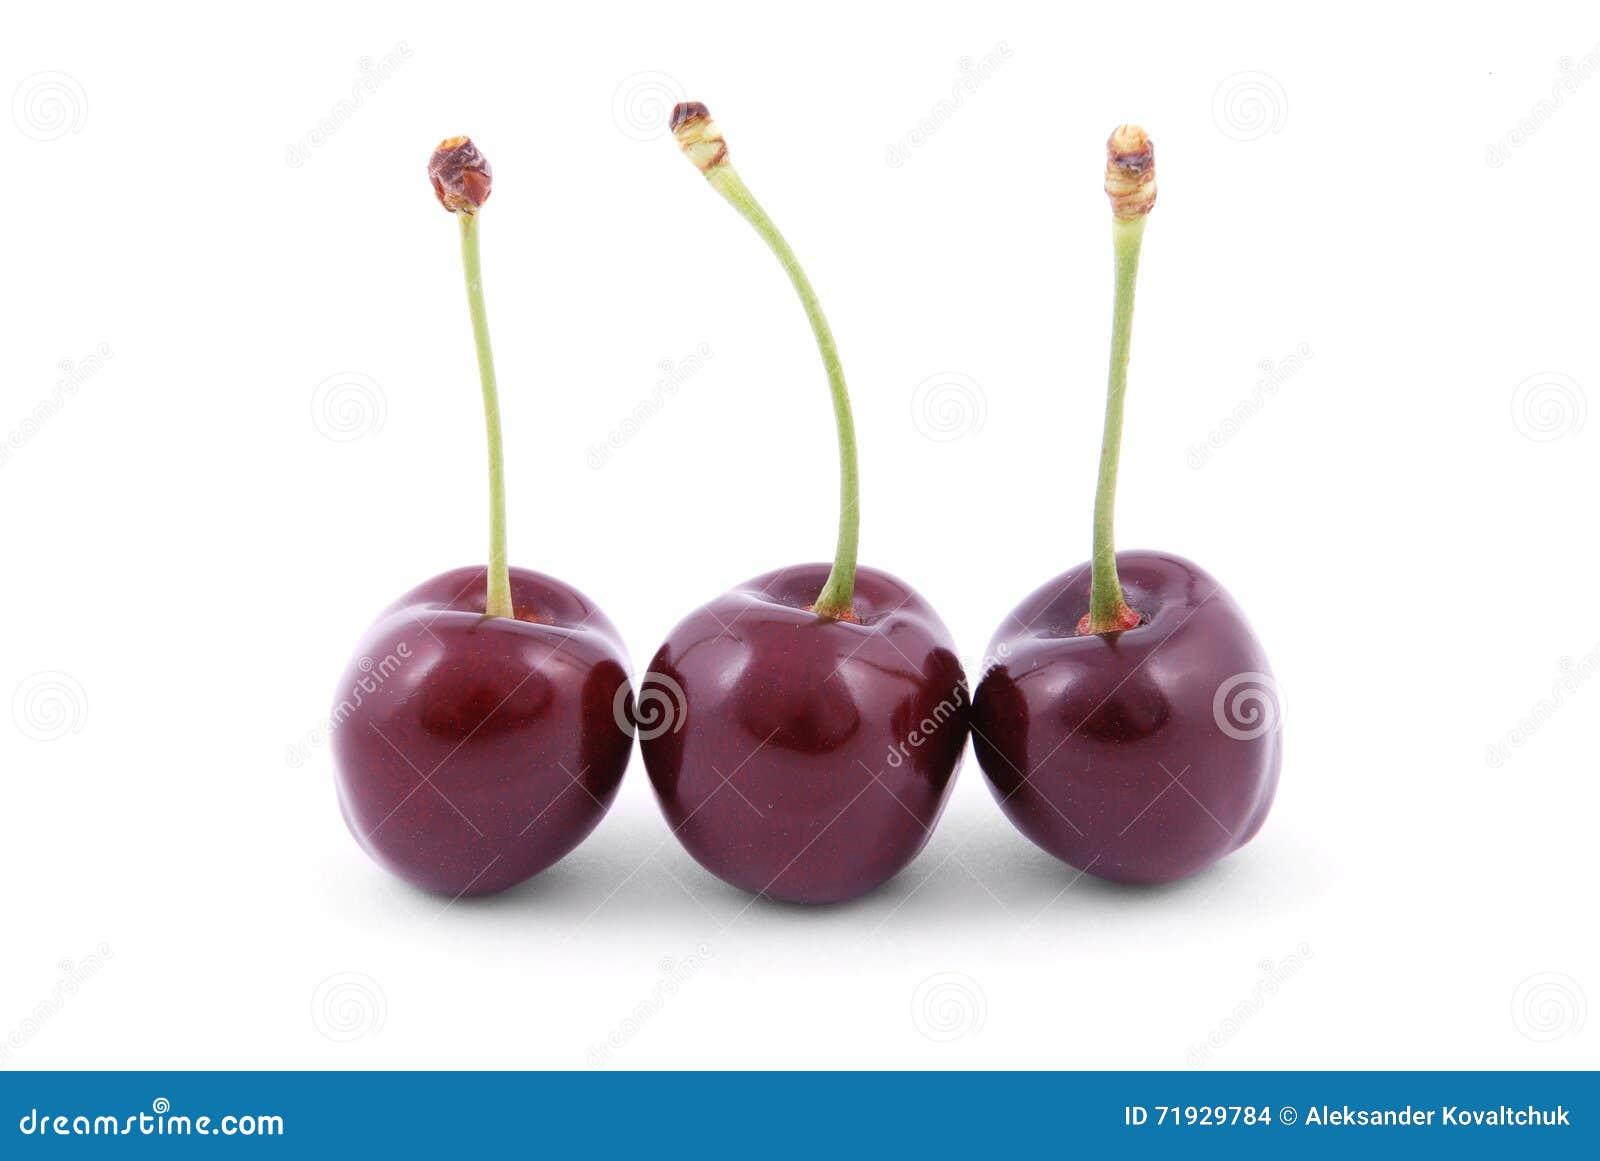 3 красных вишни